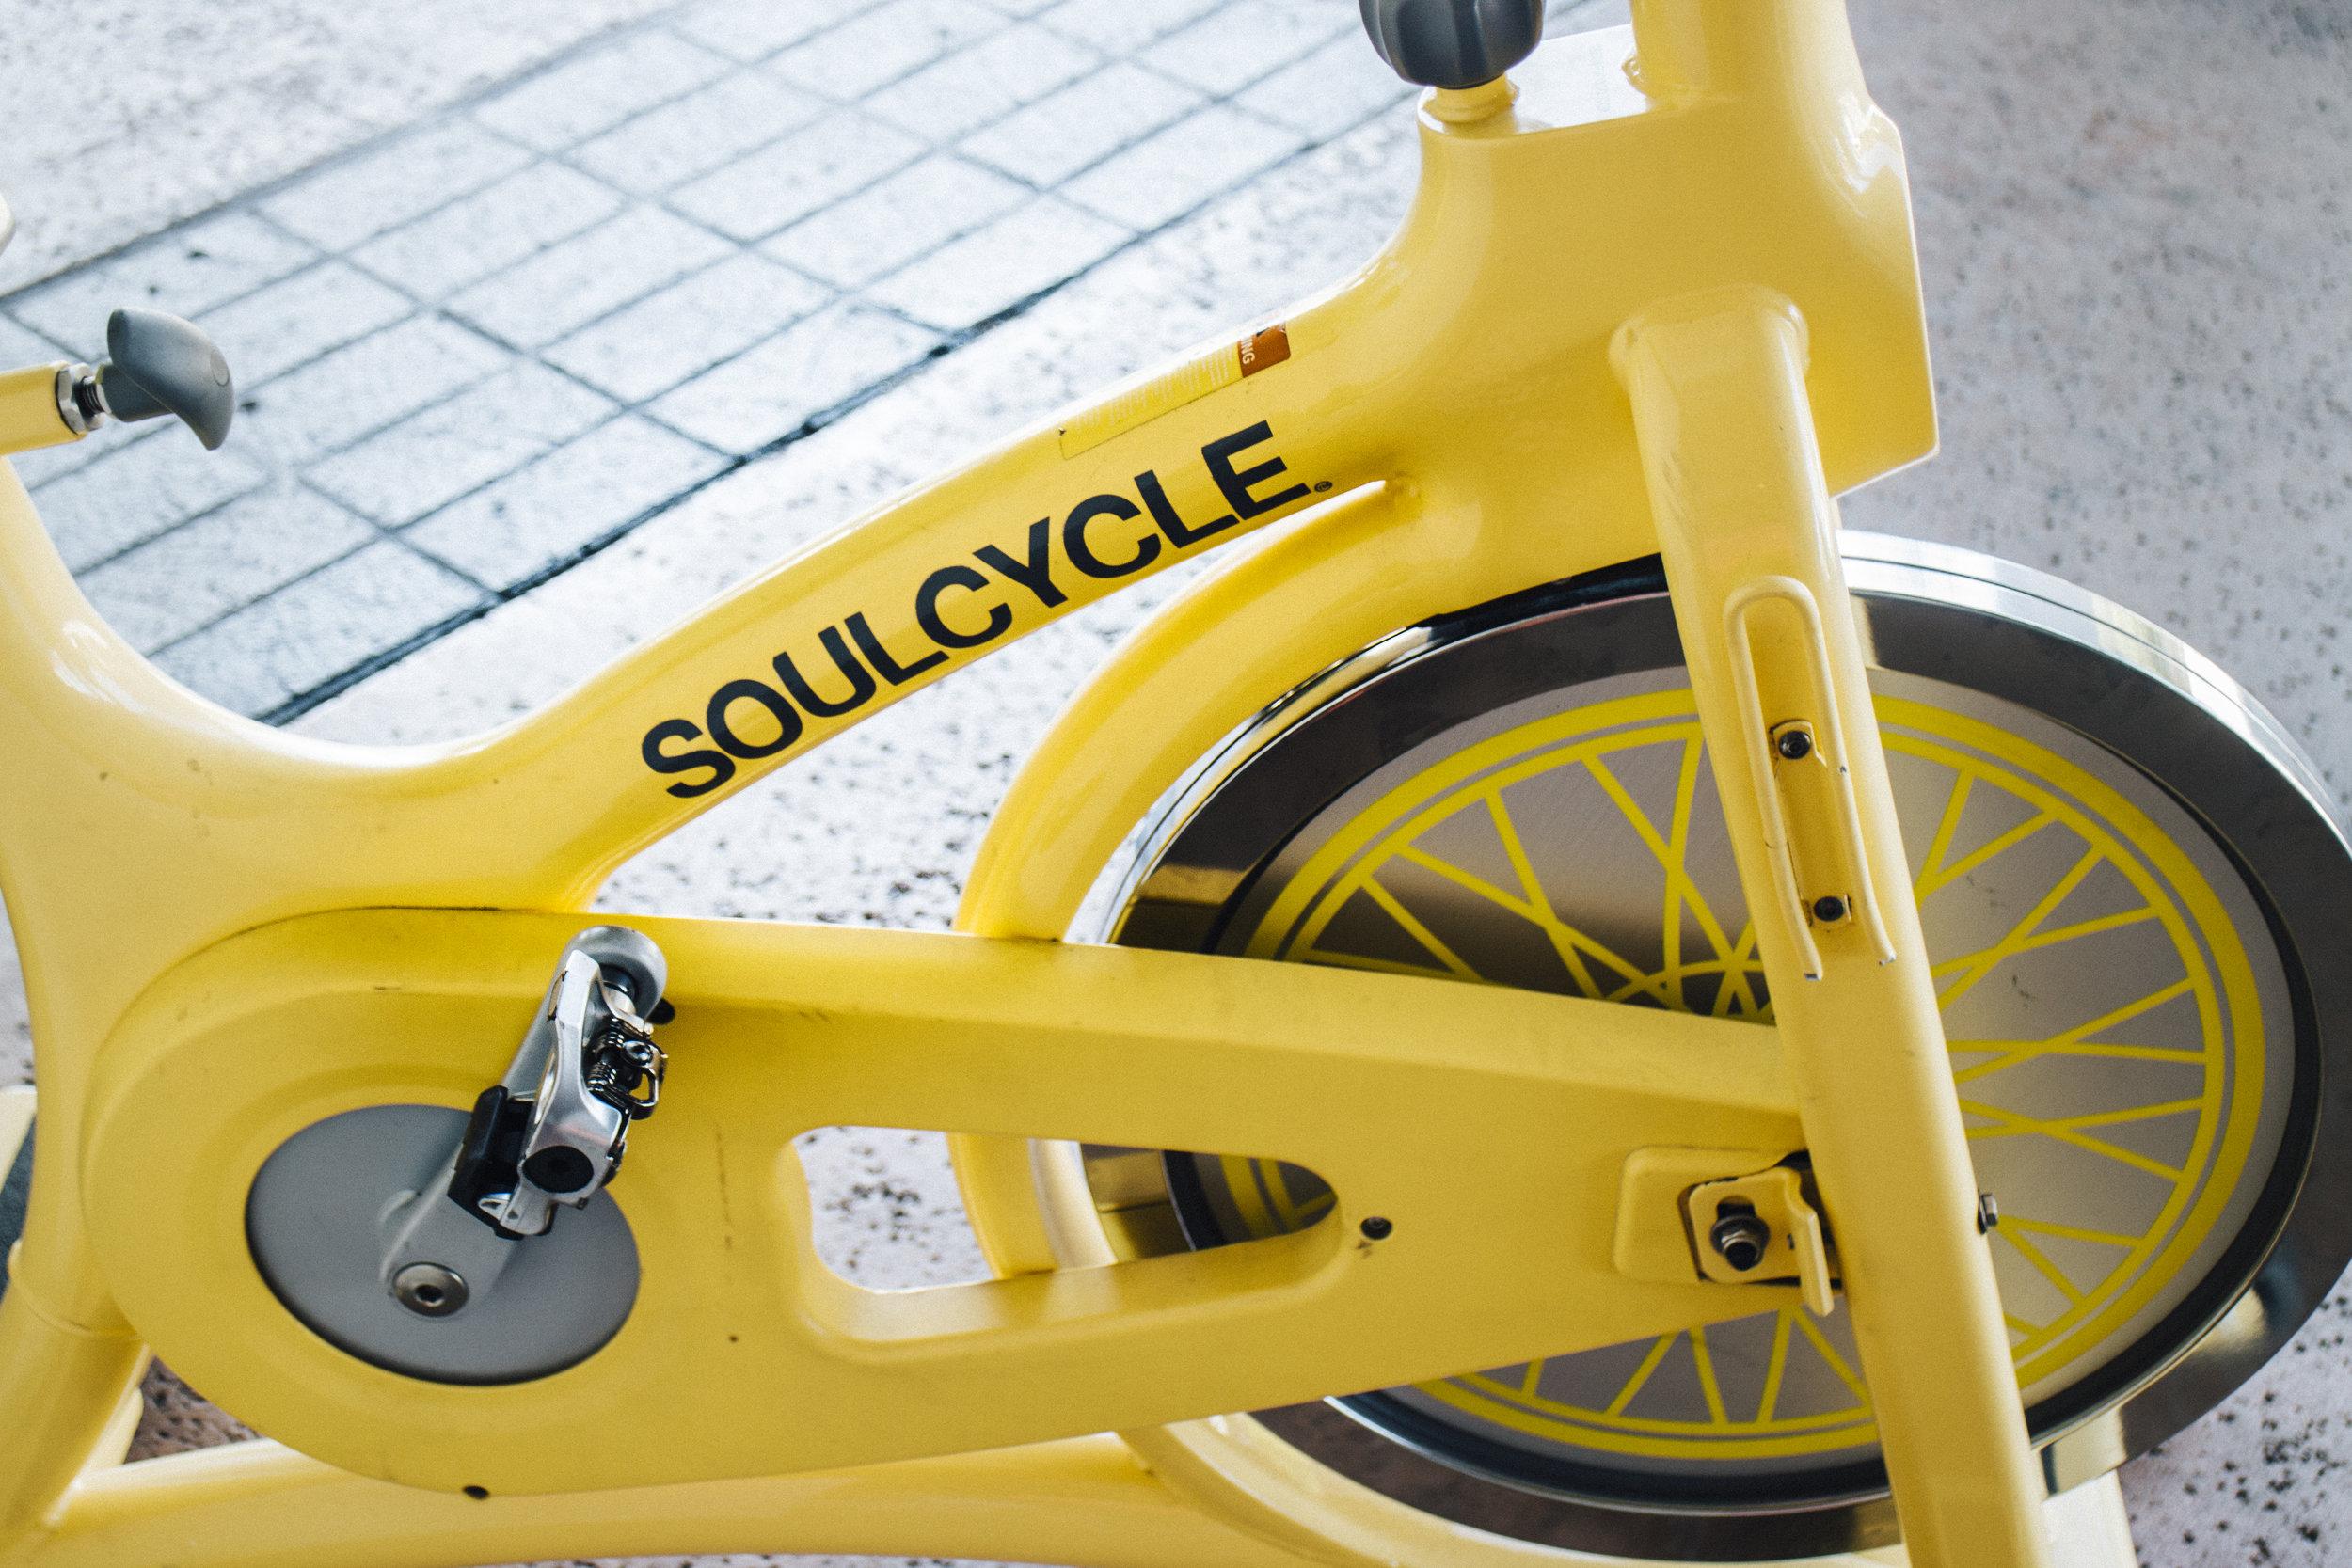 02SoulcCycle.jpg